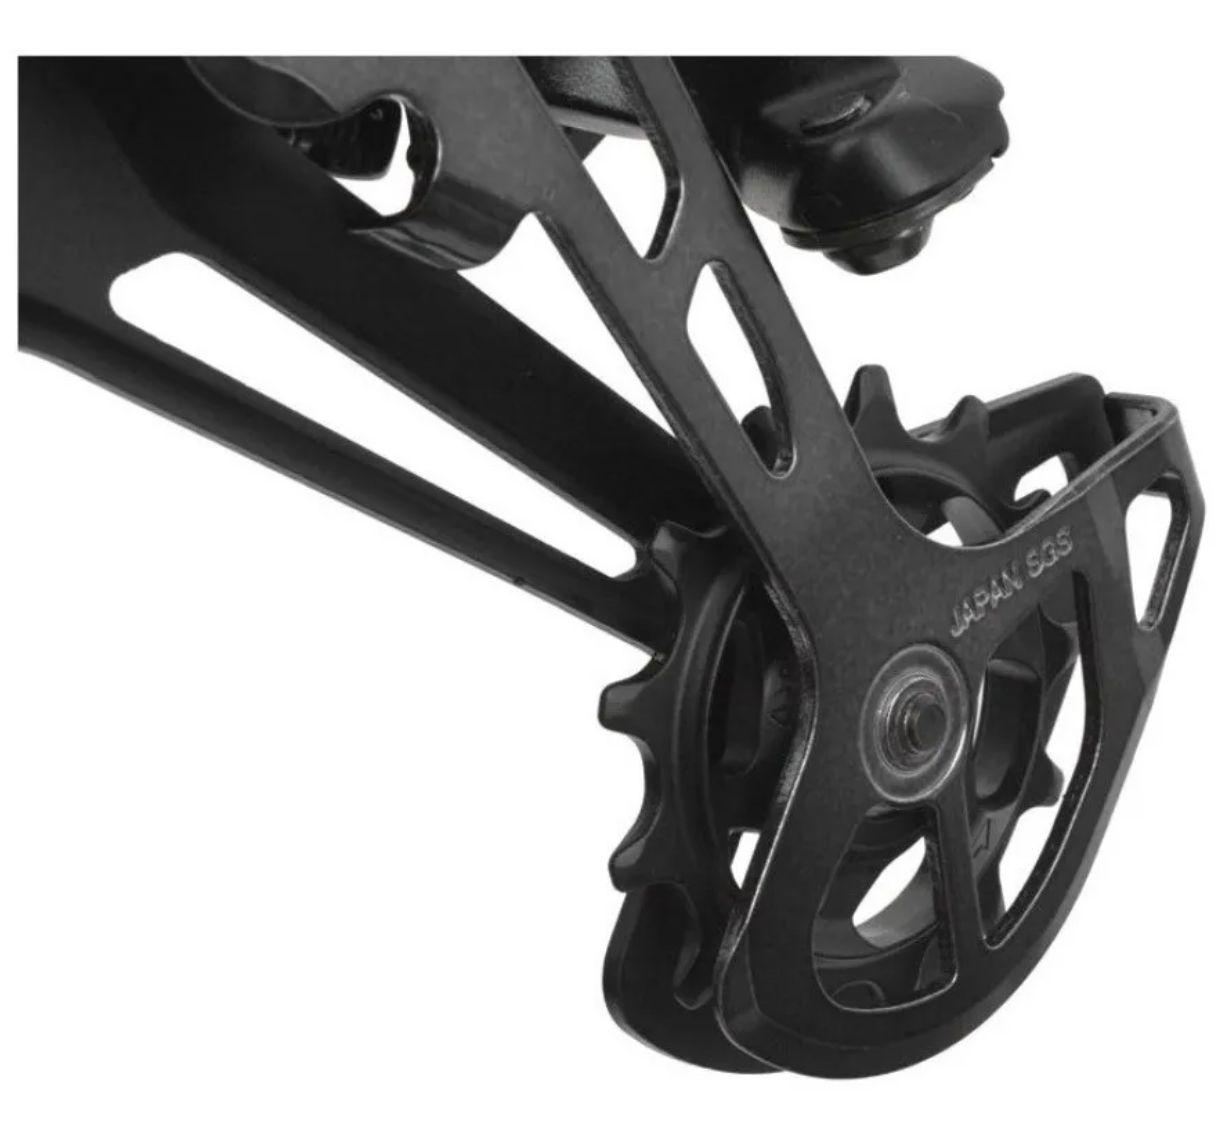 Cambio Traseiro Shimano Deore Xt M8120 12v 2x12 Cassete 45d